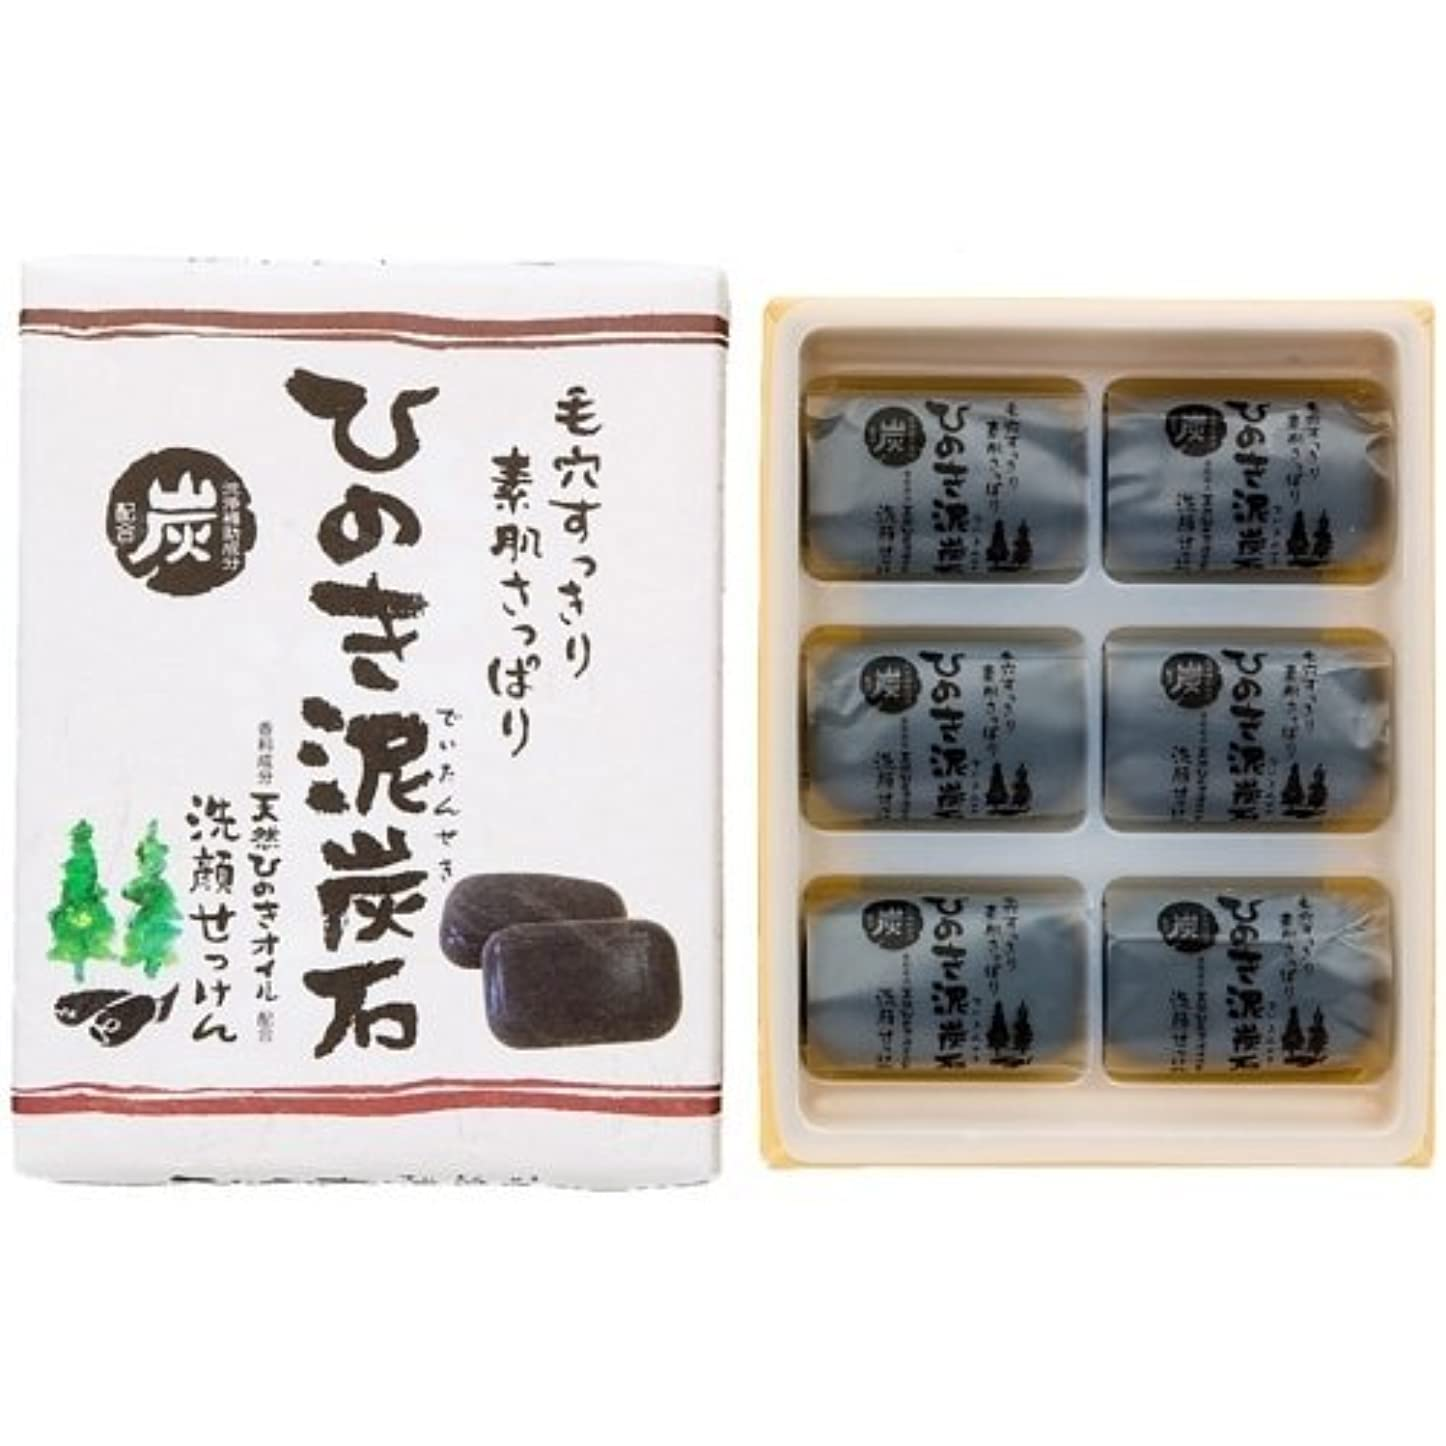 意識やむを得ない契約ひのき泥炭石 すっきりタイプ 黒 30g×6個入